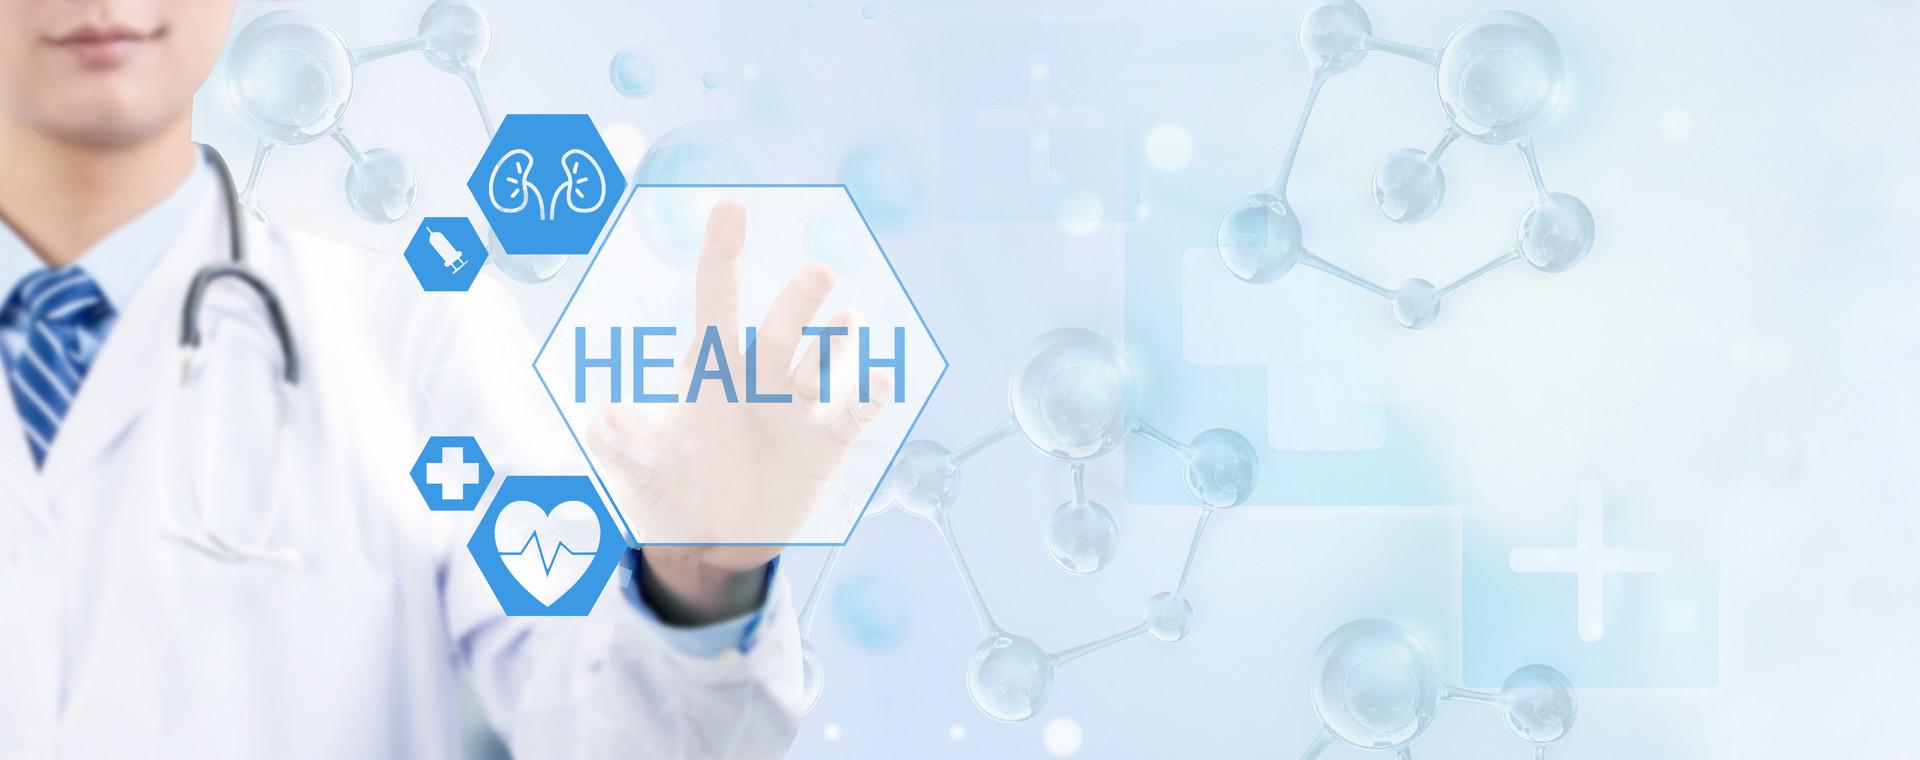 支持2015年以来已获新药证书或已申报新药生产的化学药1-2类新药(新图片